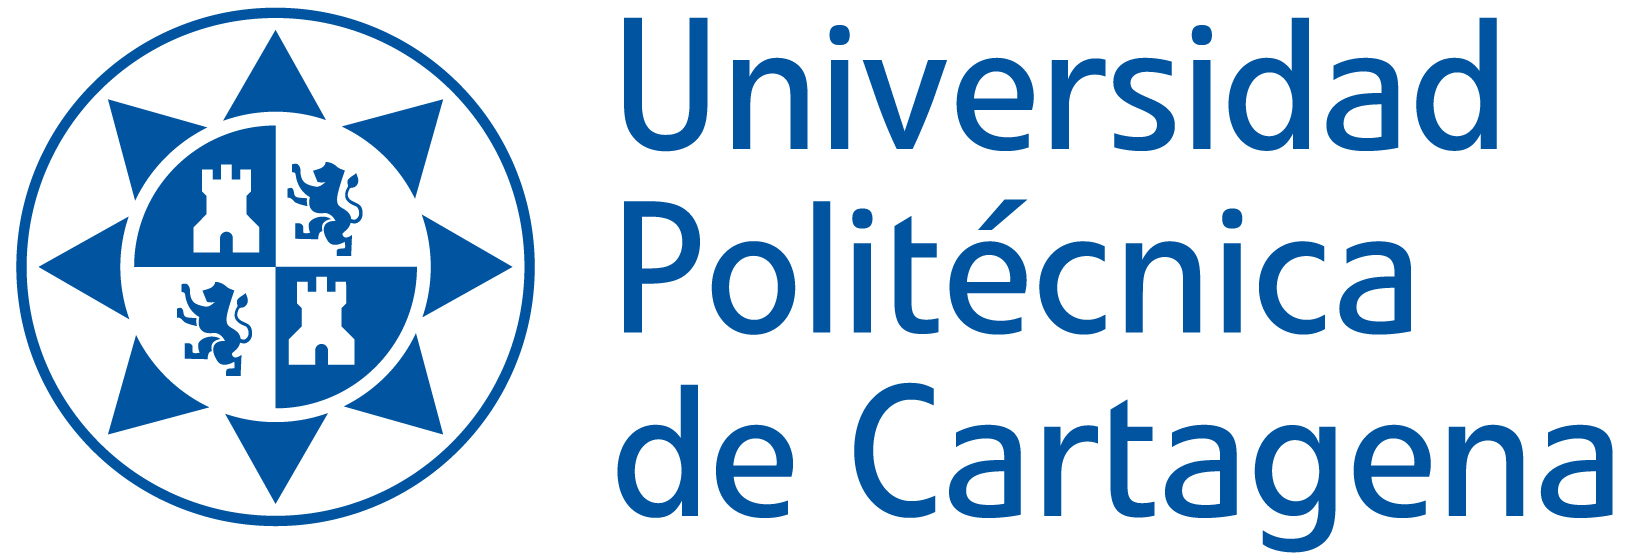 Universidad Politécnica de Cartagena